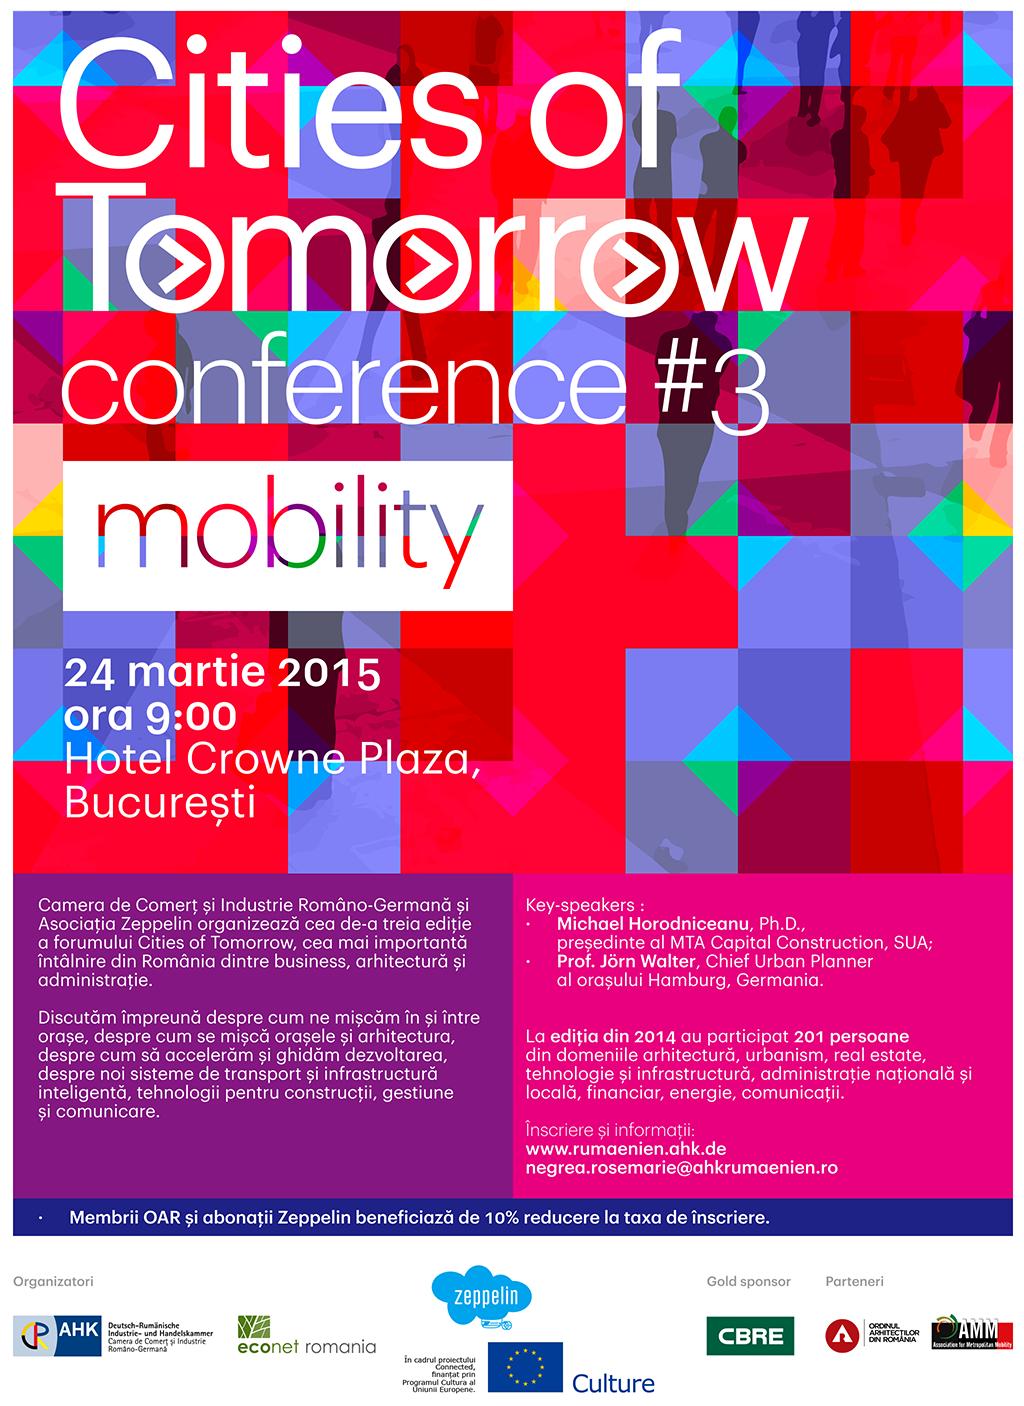 Cea de-a treia ediție a Cities of Tomorrow, cea mai importantă întâlnire din România dintre business, arhitectură și administrație